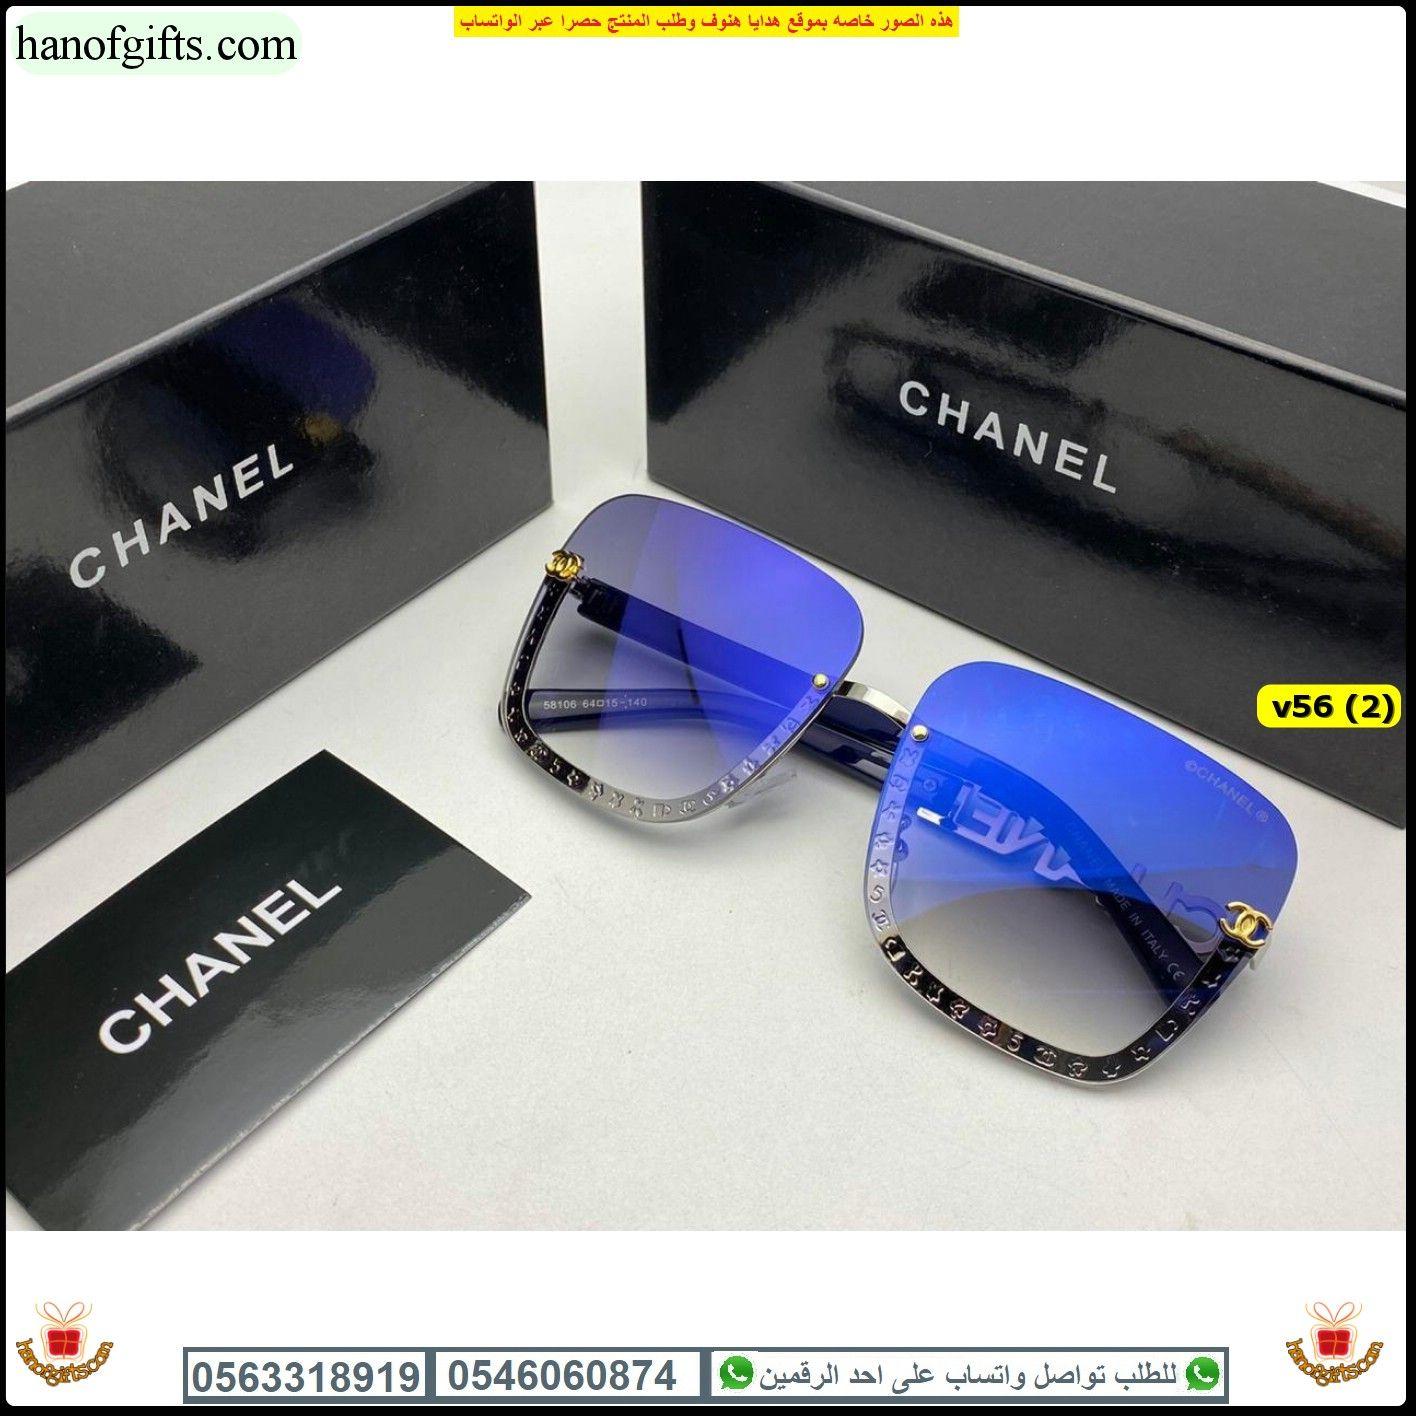 نظارات شانيل ٢٠٢٠ Chanel Glasses مع ملحقات الماركة الفخمه هدايا هنوف Chanel Glasses Sunglasses